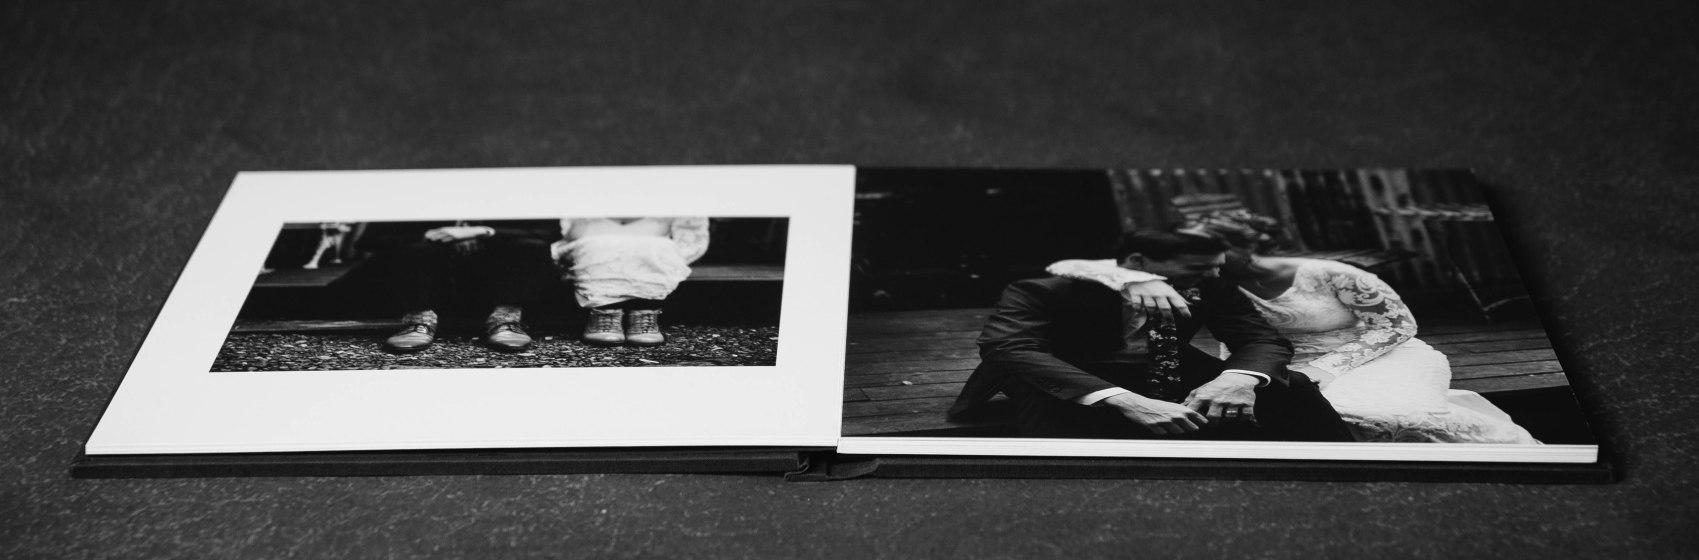 Prints & Albums | Wedding Photography | Photography Ballina | Bye Bye Blackbird Photography